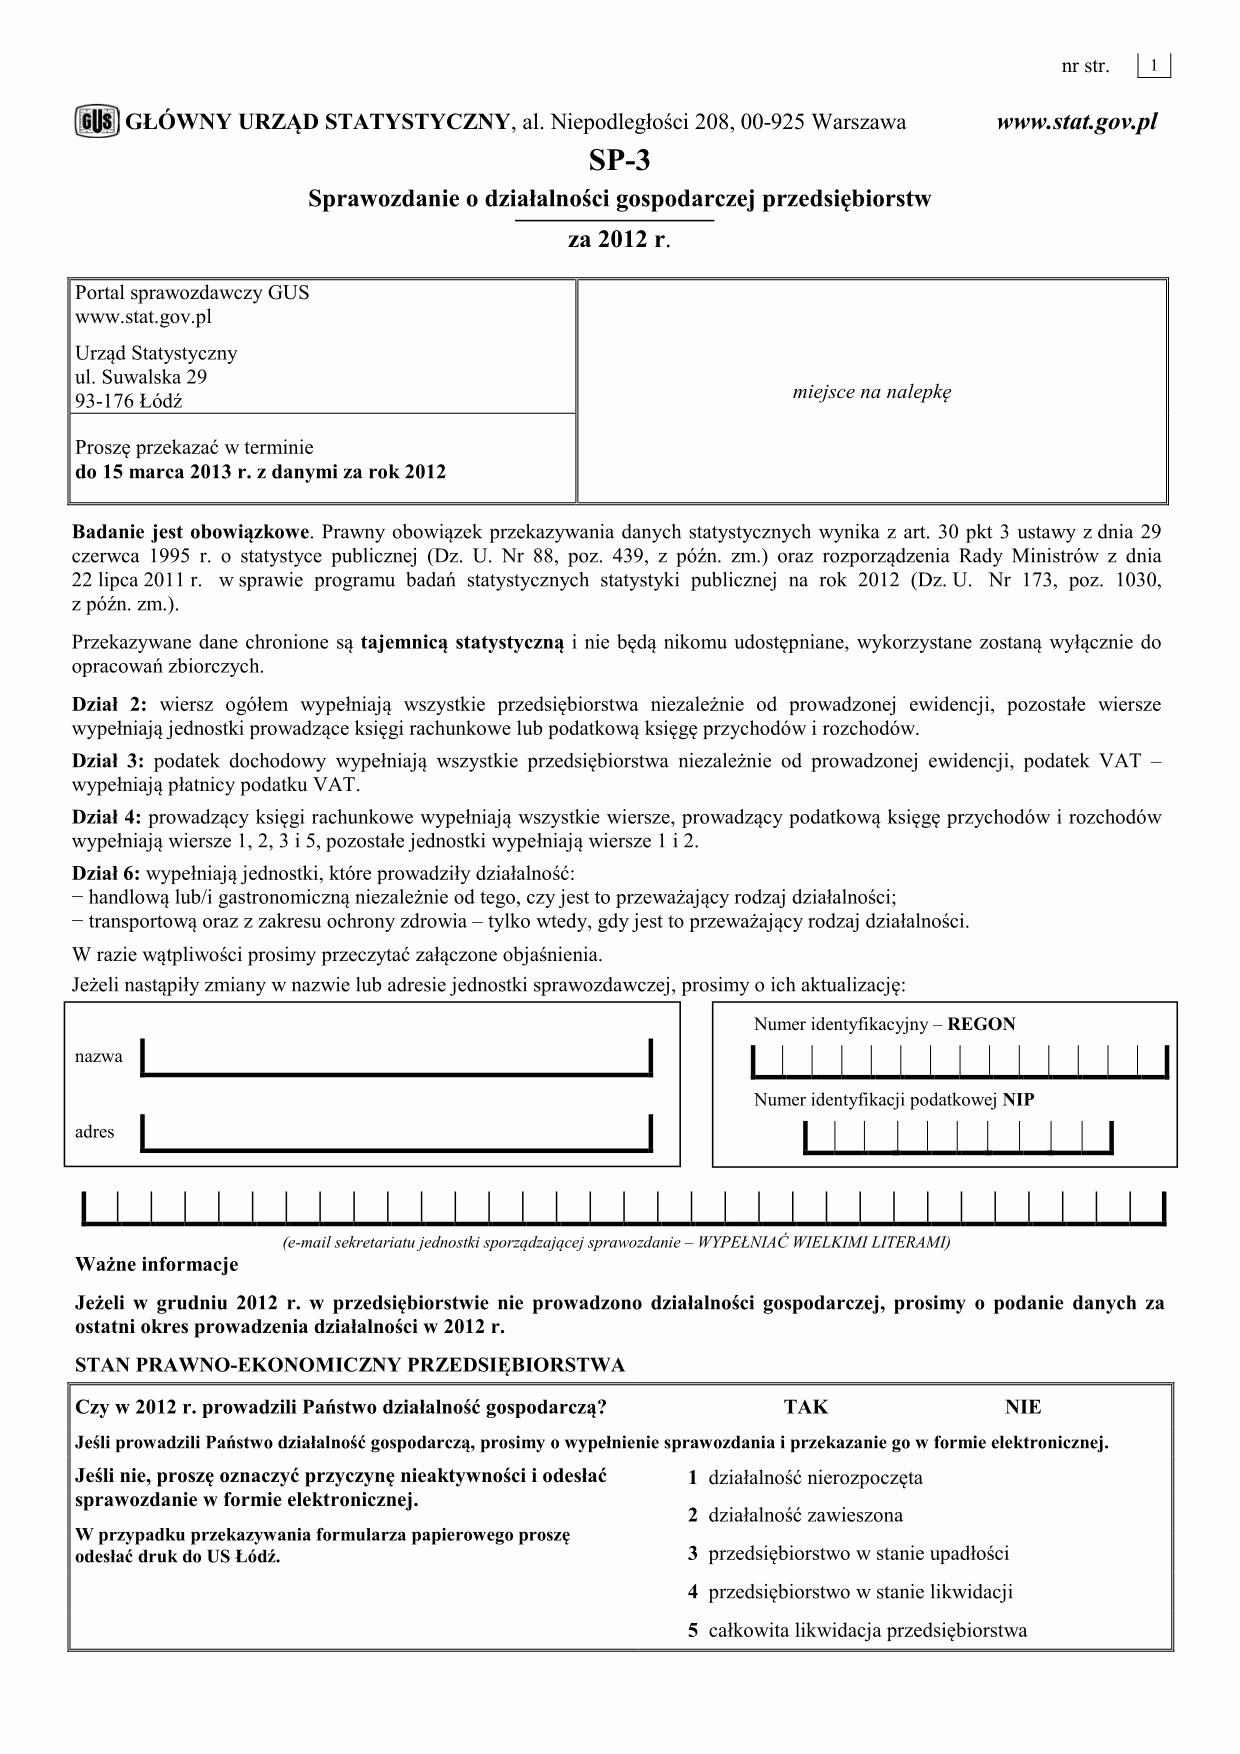 GUS SP-3 (2012) (archiwalny) Sprawozdanie o działalności gospodarczej przedsiębiorstw za 2012 r.